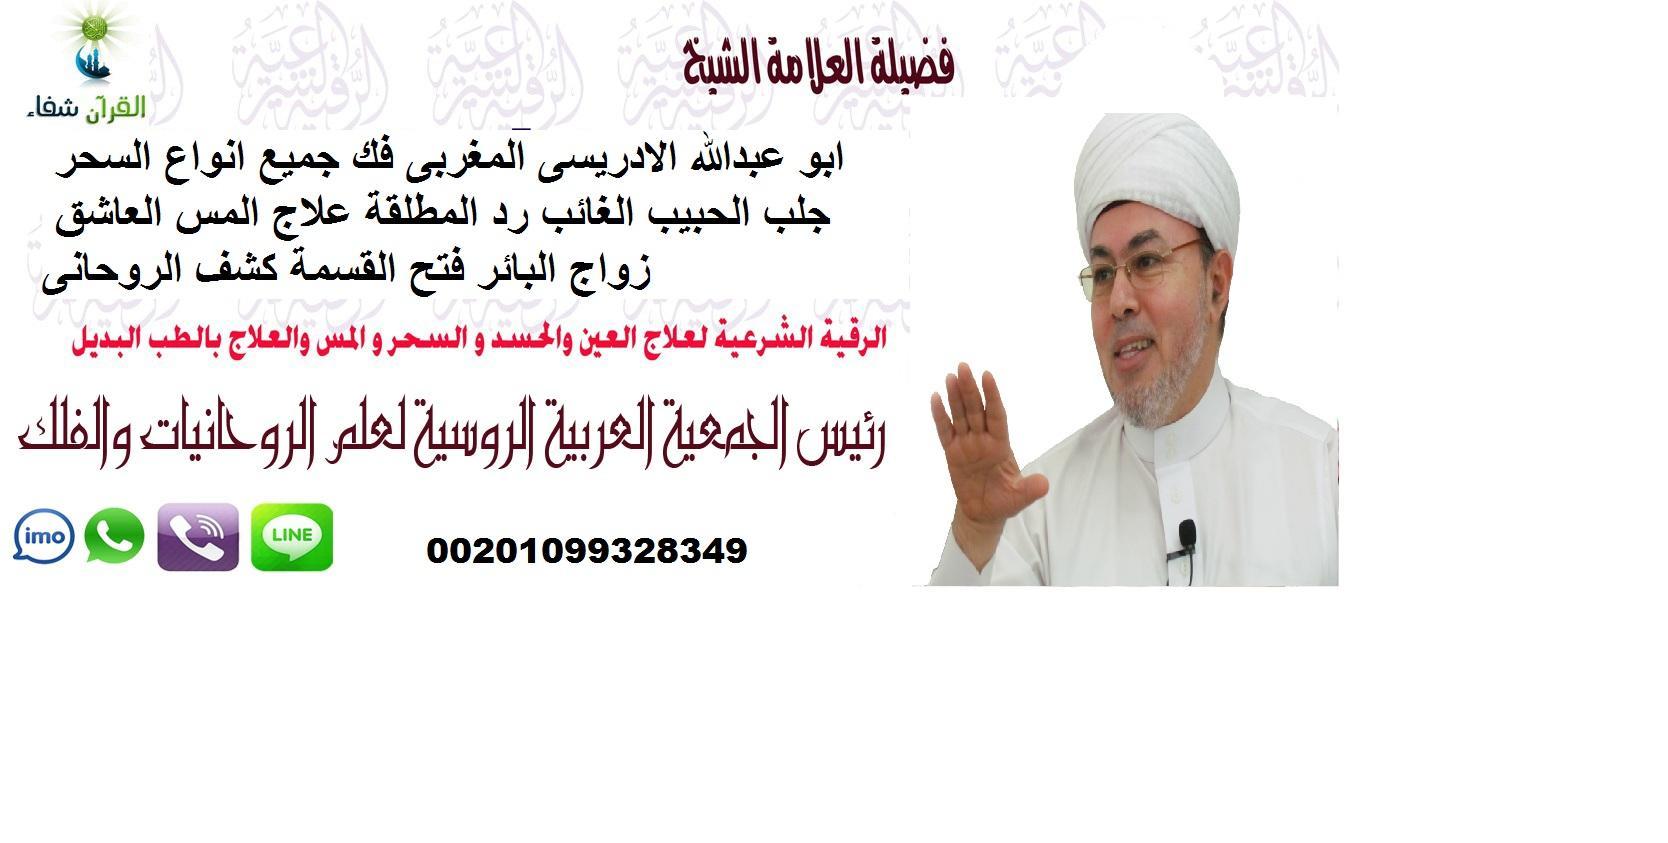 الشيخ المغربى/ ابوعبدالله الادريسى00201099328349 867681353.jpg